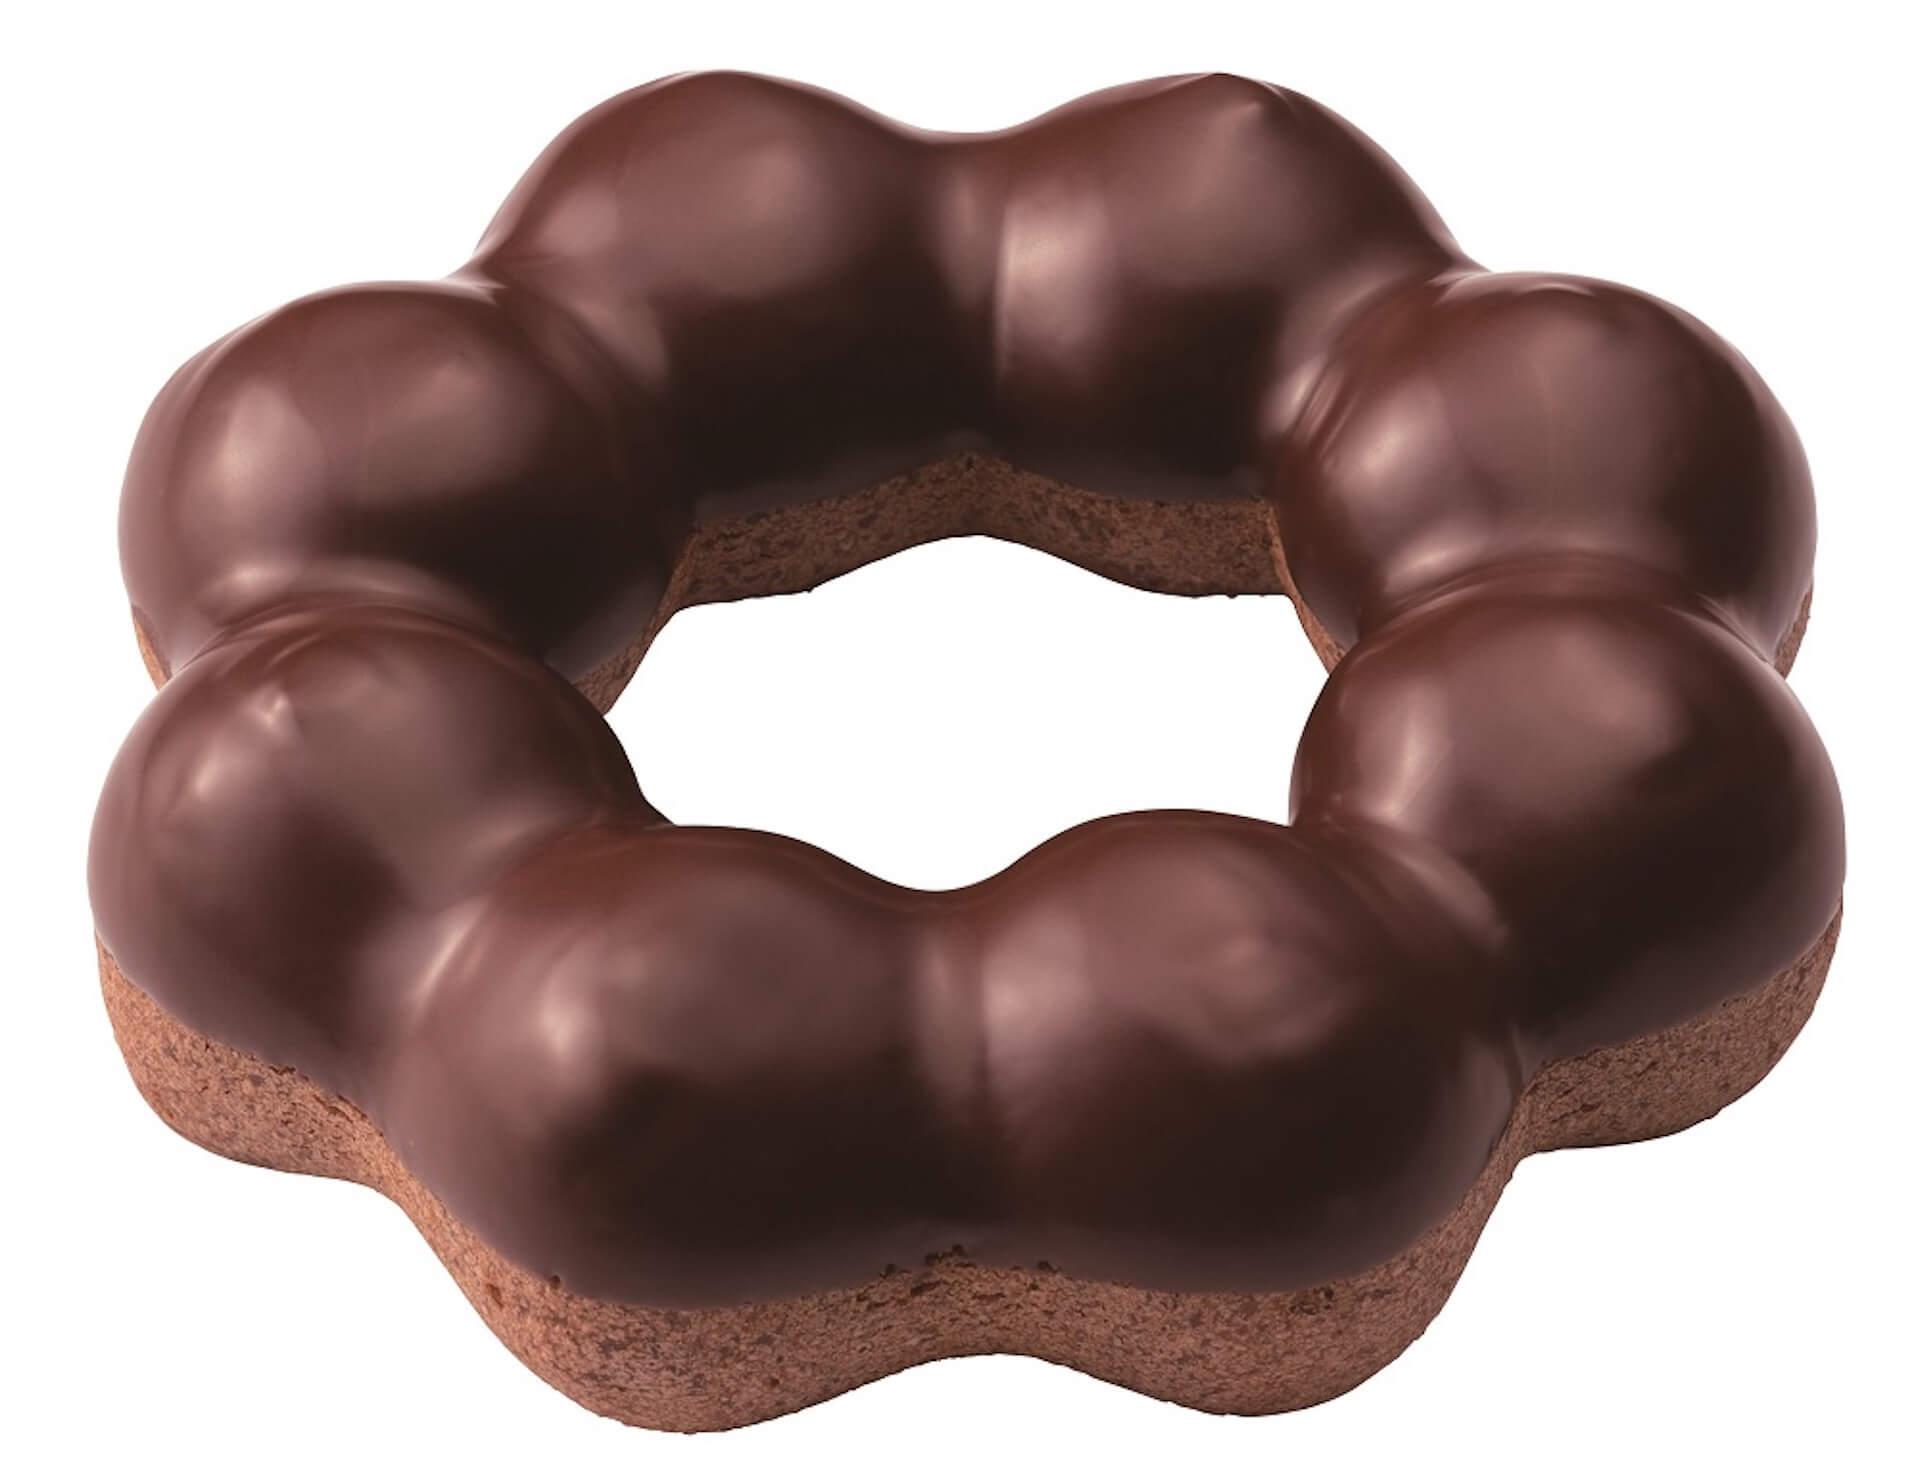 ミスタードーナツからもちもち食感の『ポン・デ・ショコラ』シリーズが今年も期間限定で登場!今年は5種類 gourmet20201028_misterdonut_6